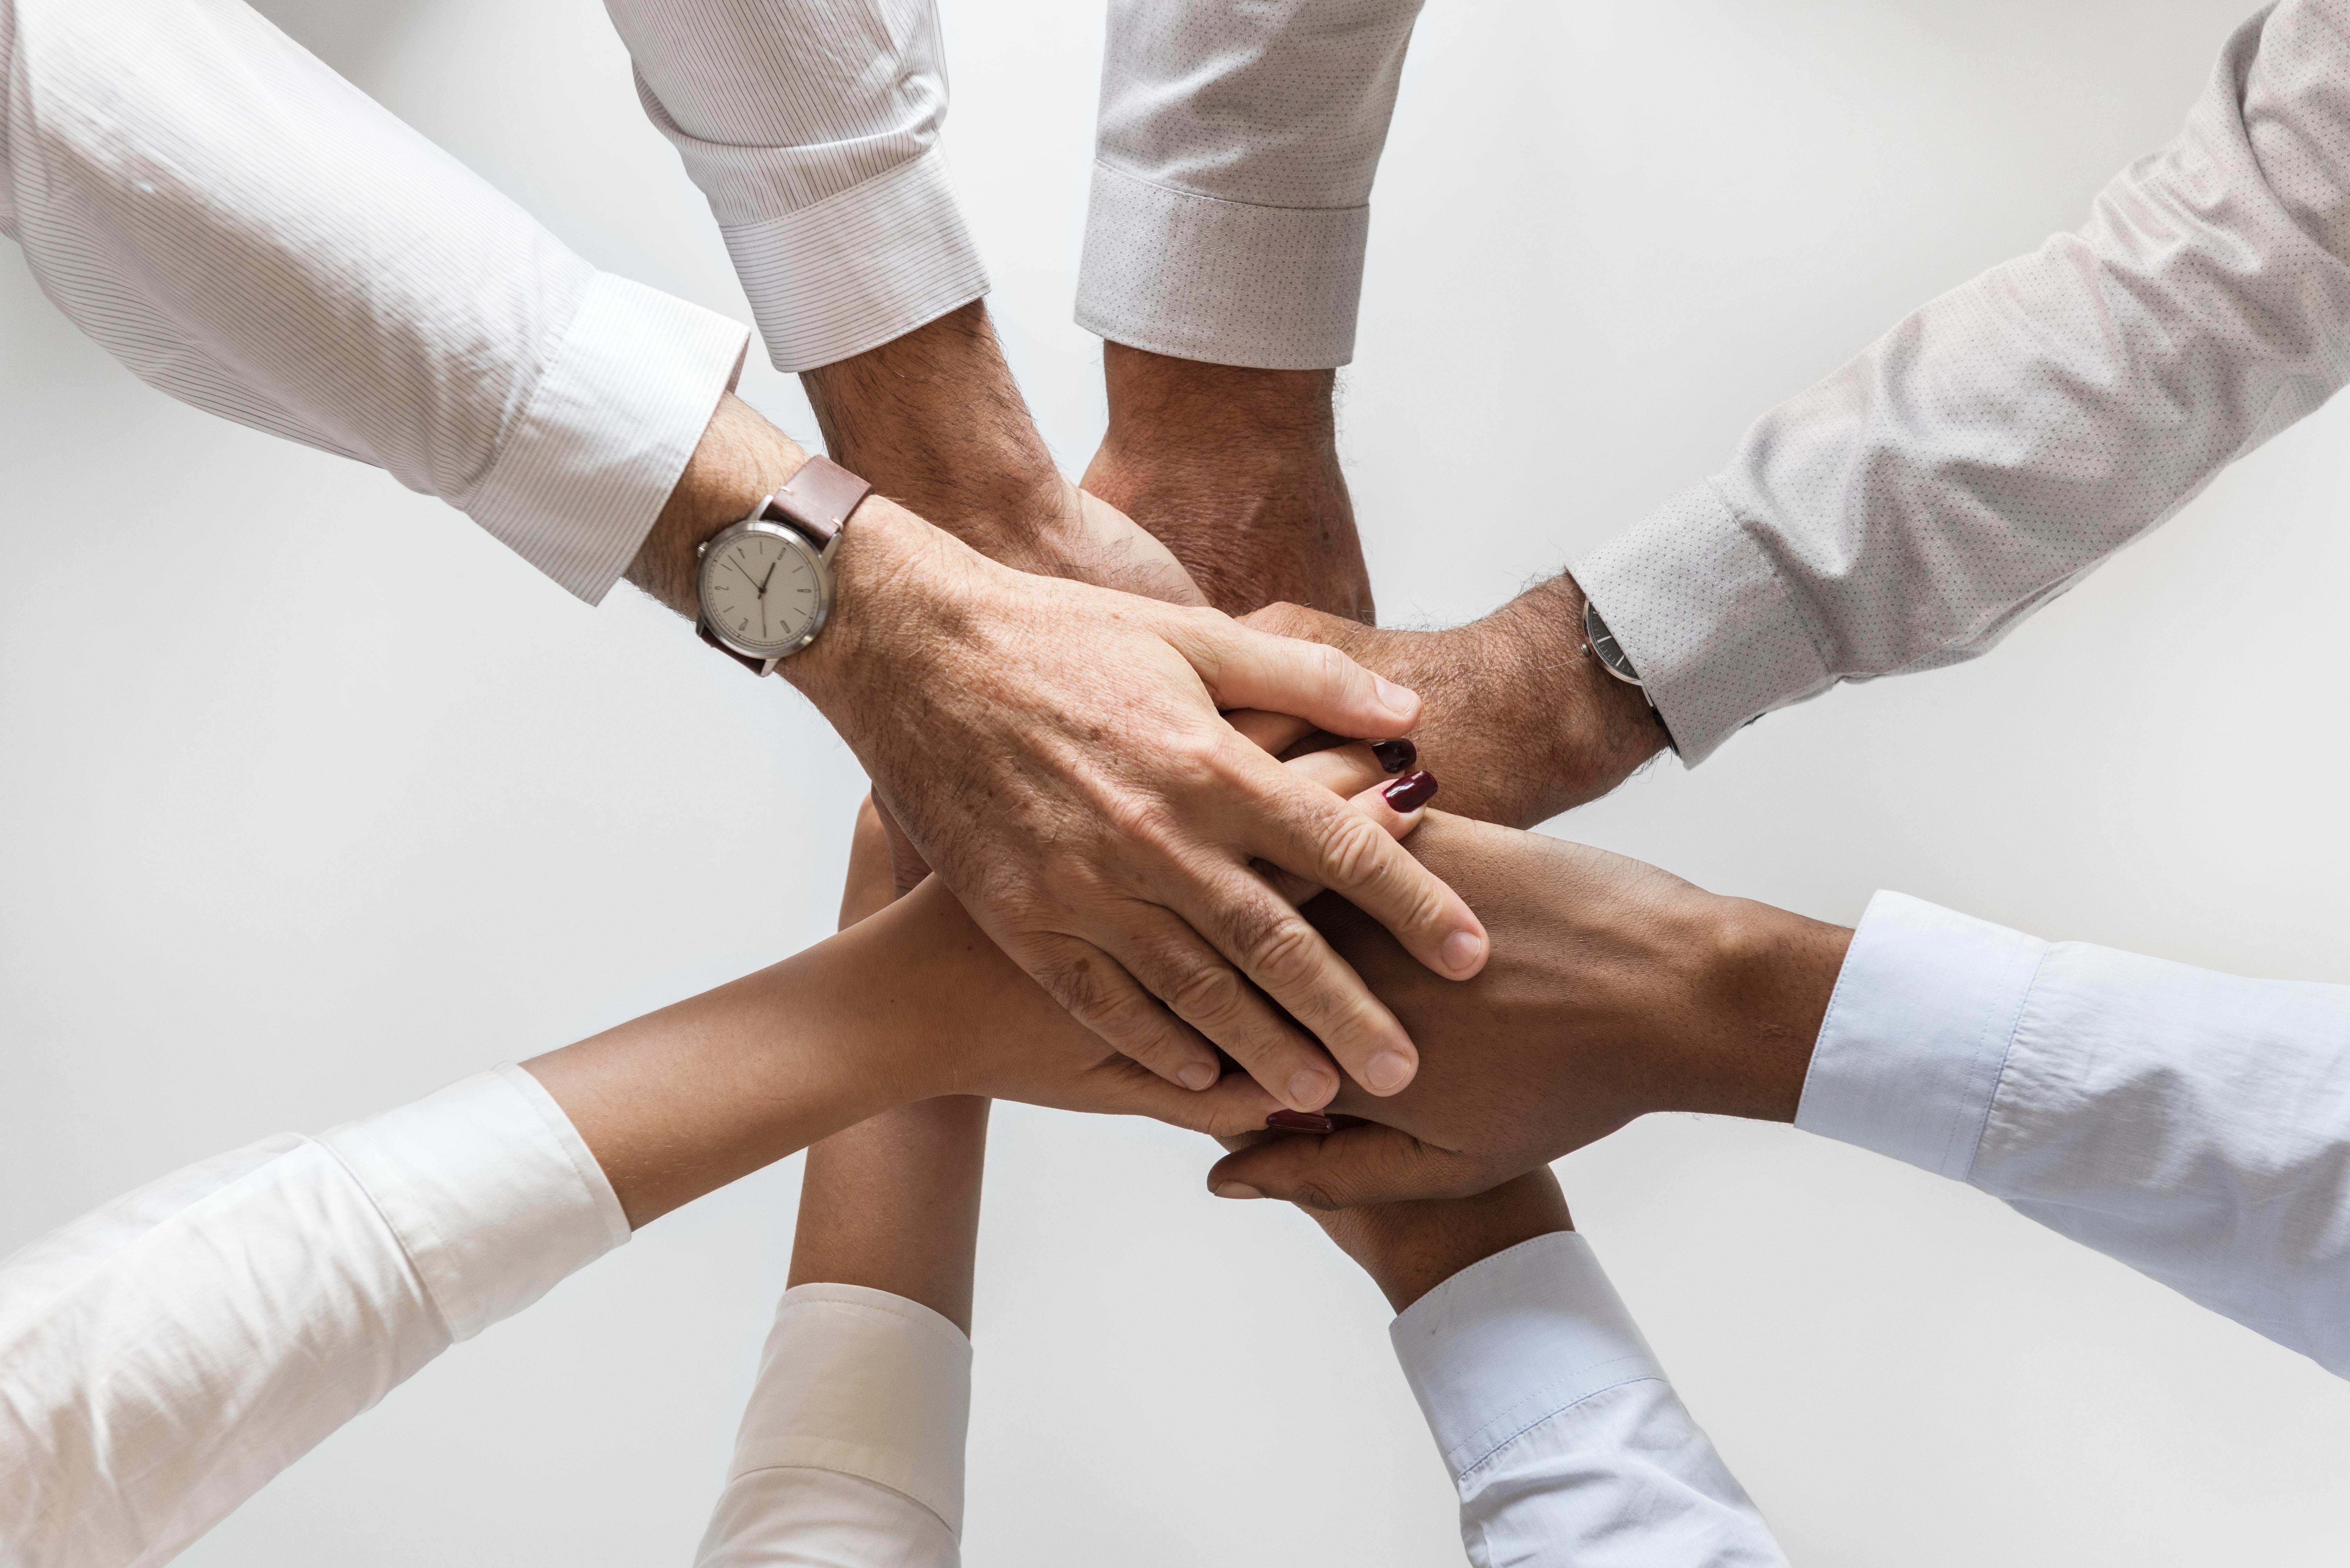 Laterale Führung in agilen und schwach hierarchisch Unternehmen, sind wichtige Führungskompetenzen für ihren beruflichen Erfolg, die Sie in dieser Weiterbildung lernen können.